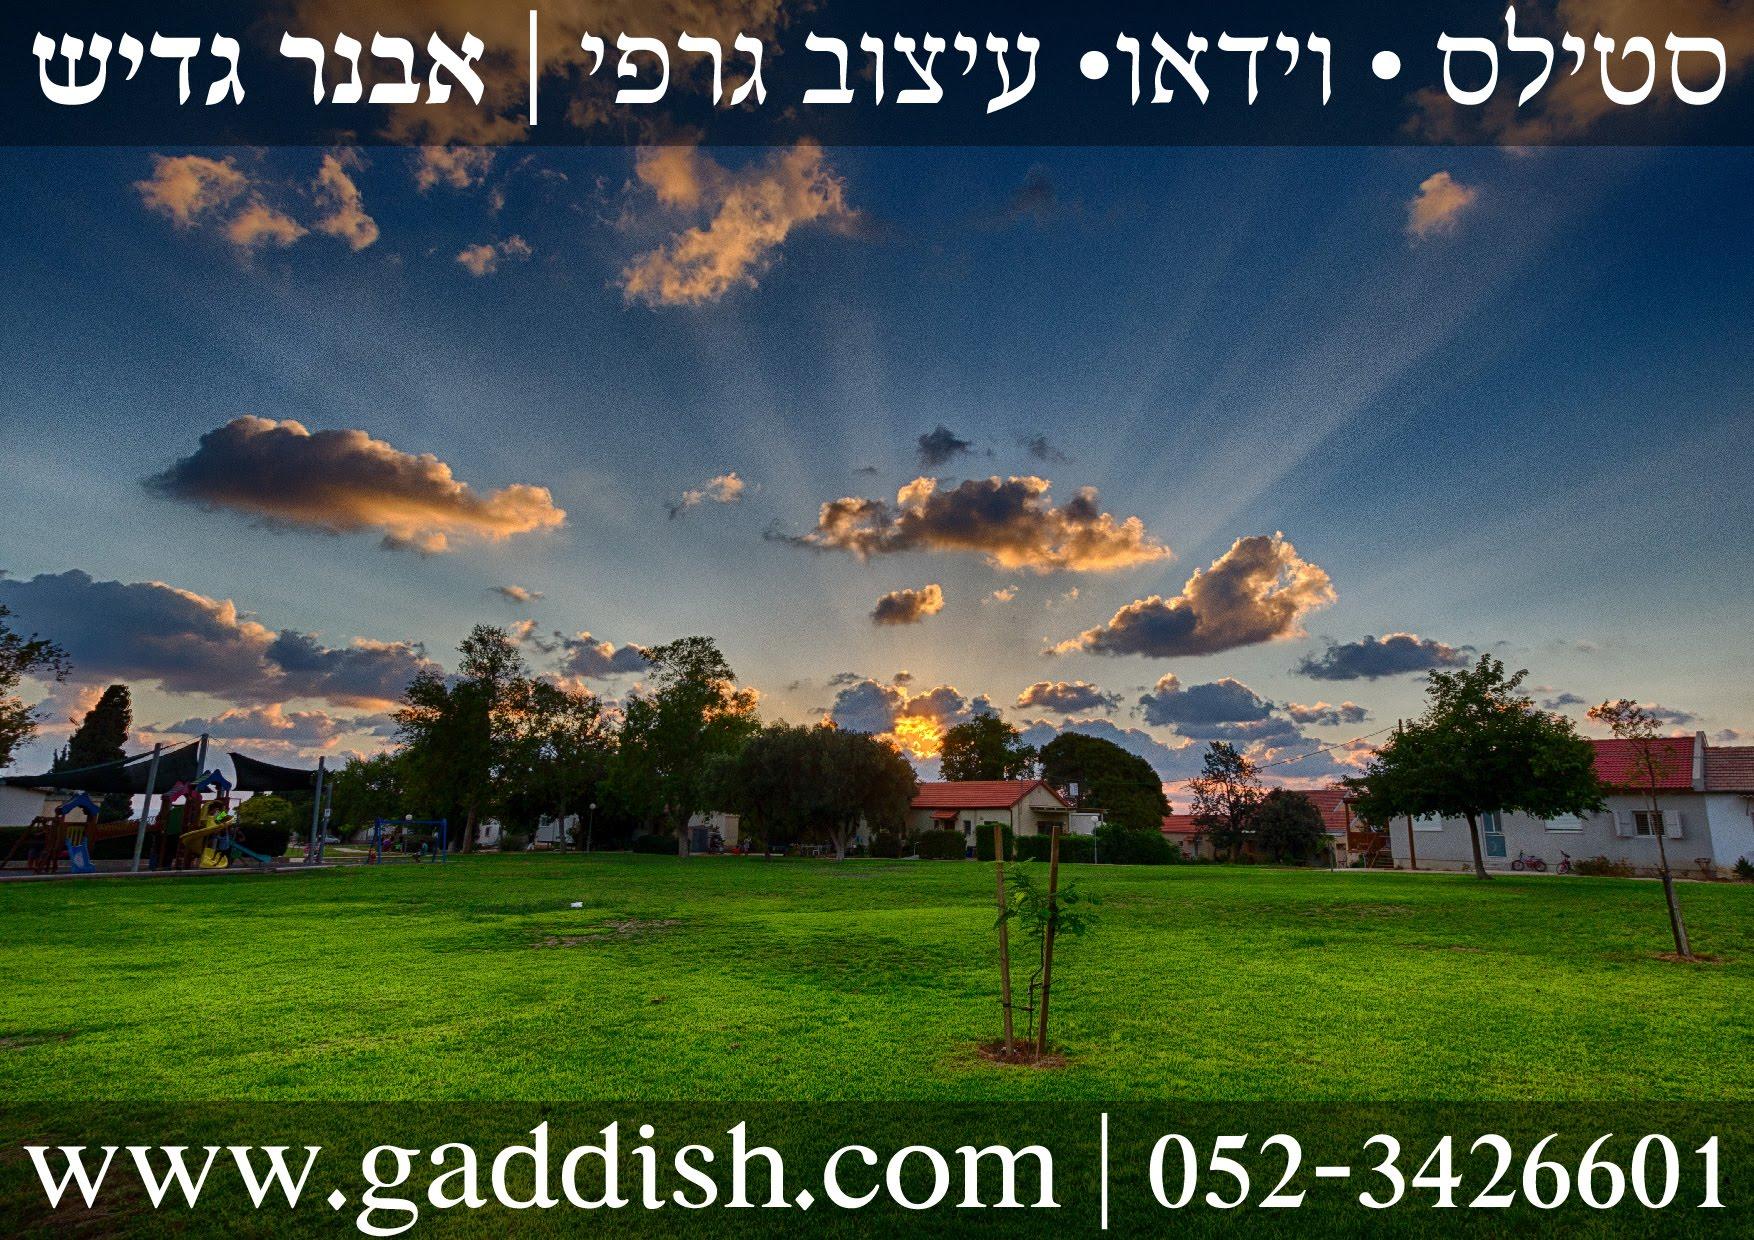 www.gaddish.com